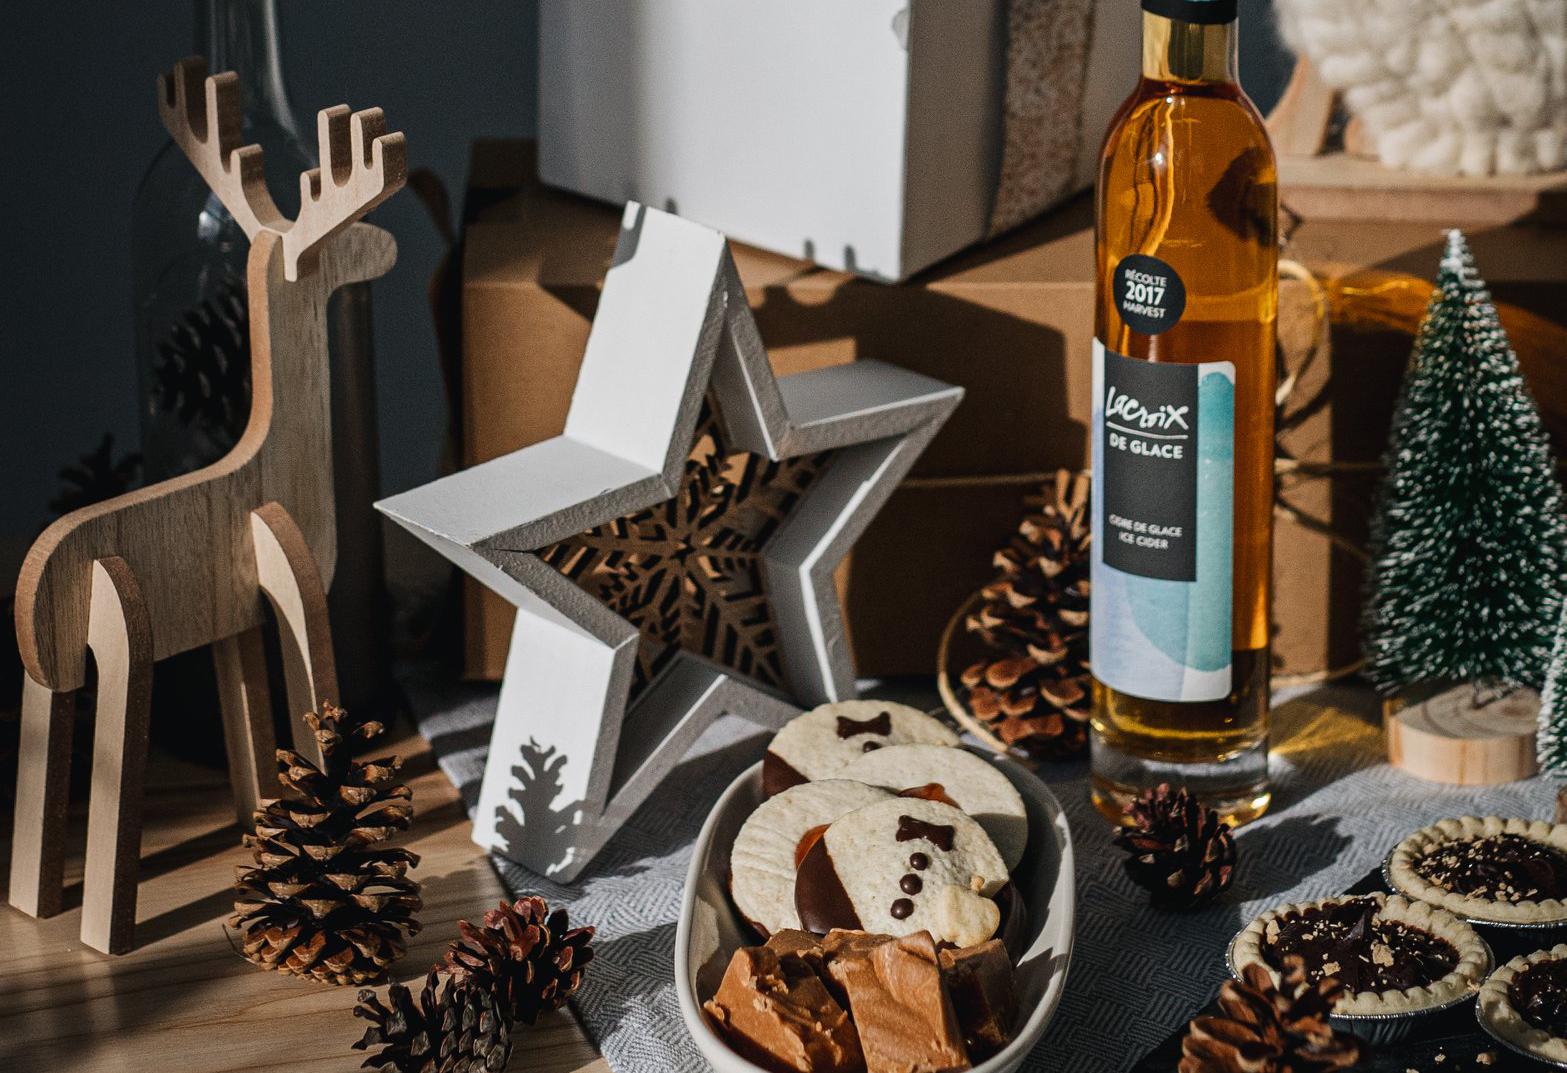 Nouveautés & idées cadeaux pour les fêtes